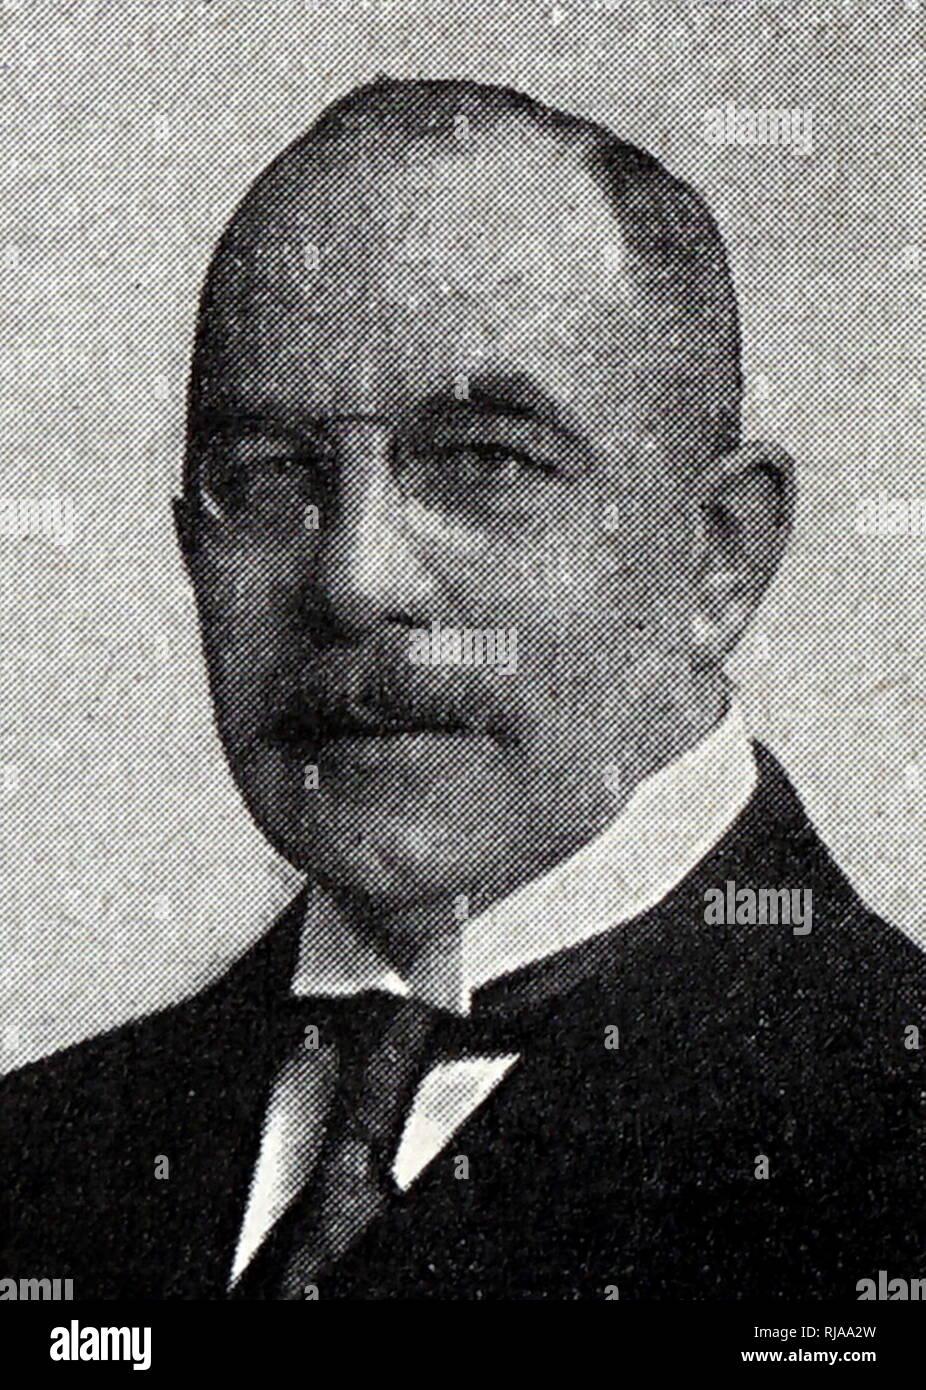 Président de l'Association canadienne de boxe amateur au cours de l'été 1932 Jeux Olympiques de Los Angeles. 20e siècle. Photo Stock